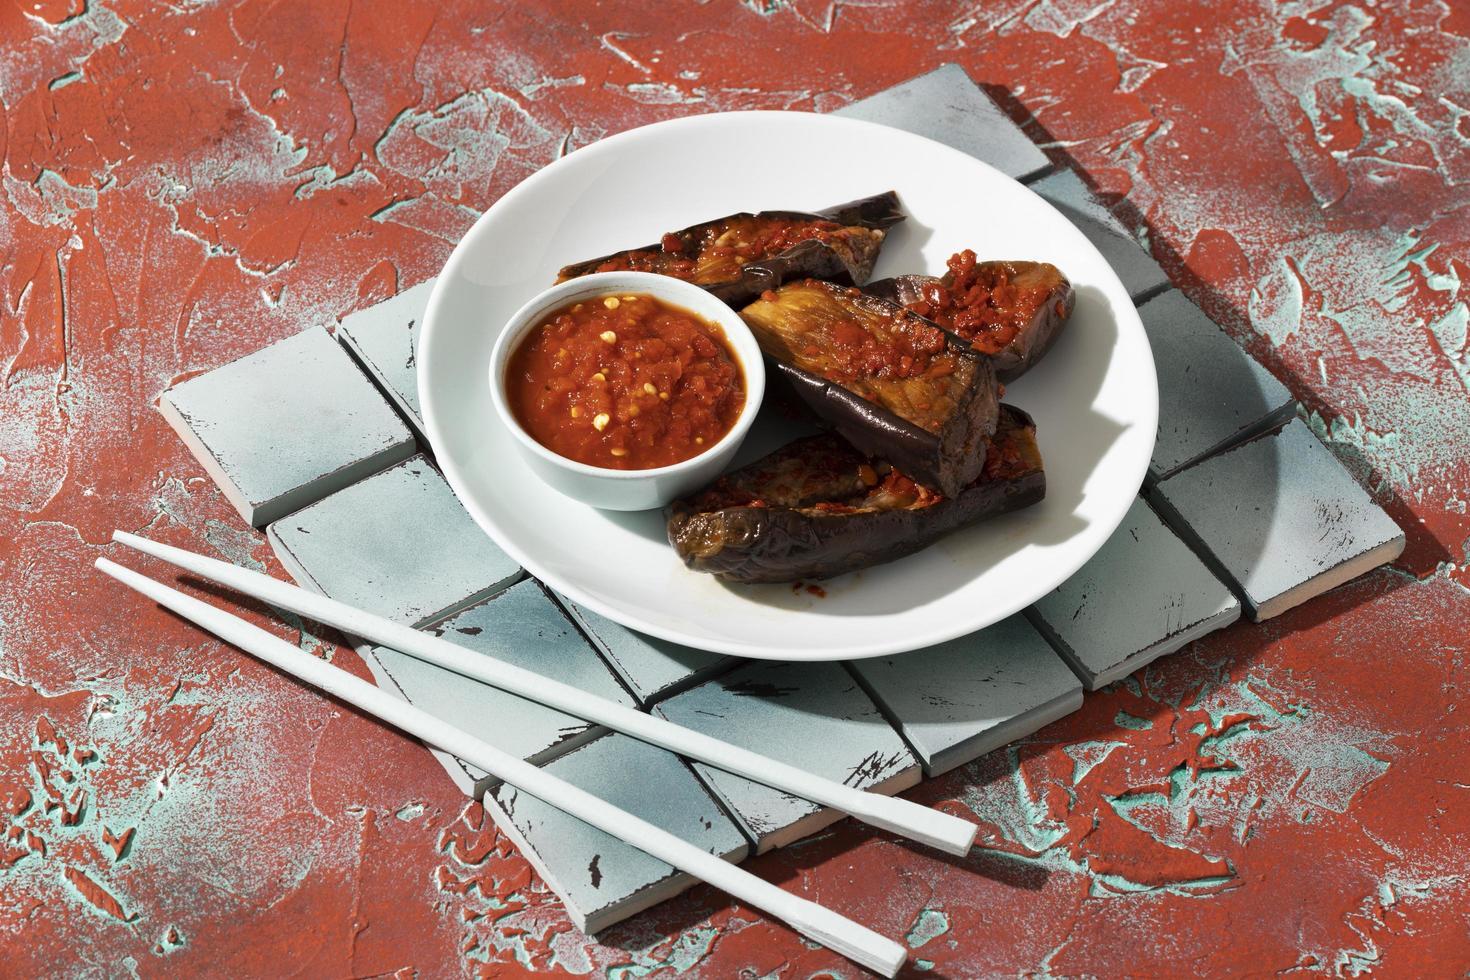 délicieux repas avec composition de sambal photo